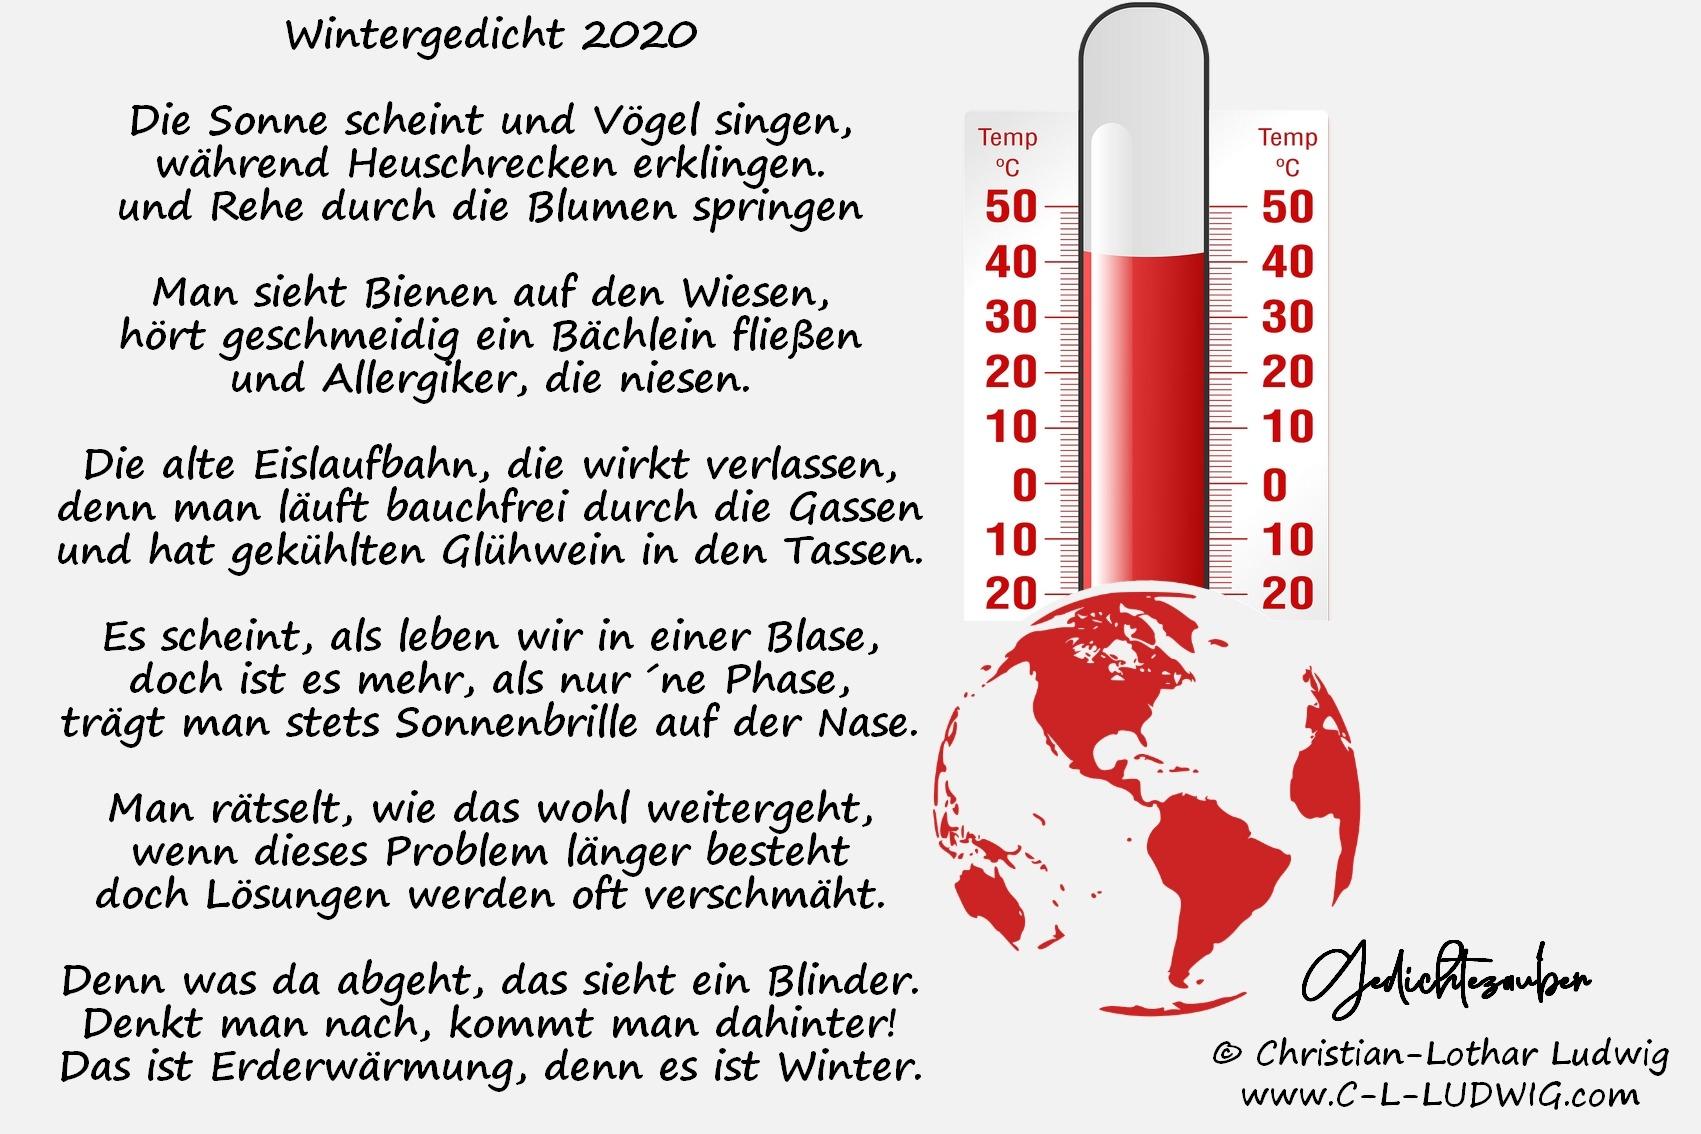 Wintergedicht 2020